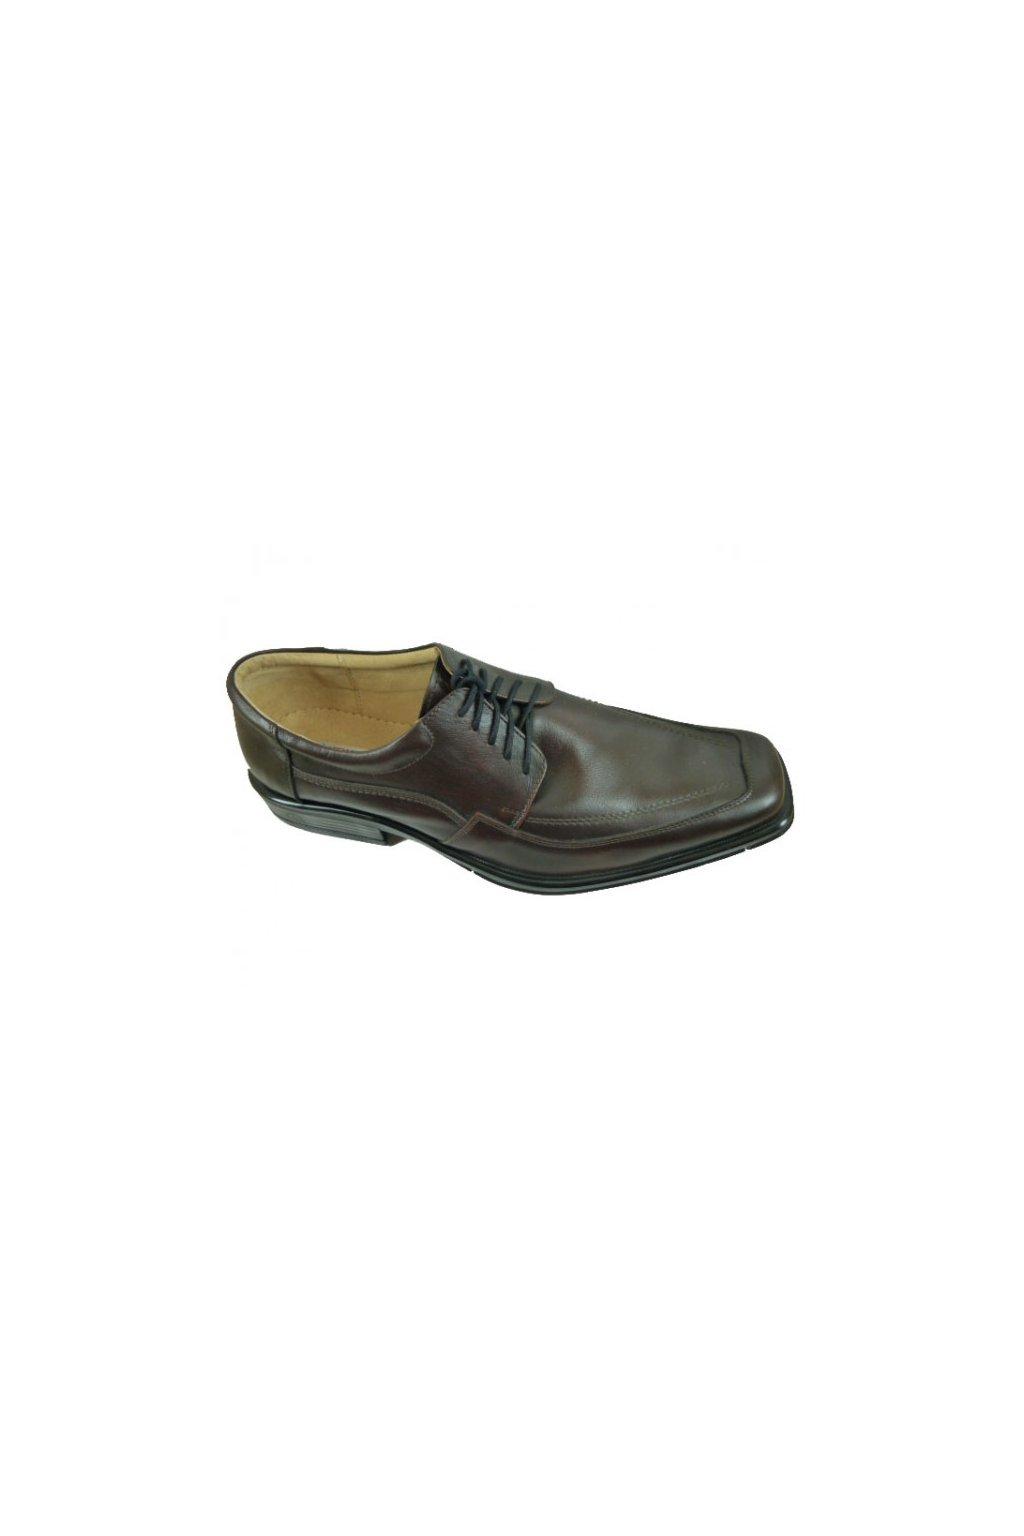 Nadměrná pánská obuv Kuda 526 hnědá